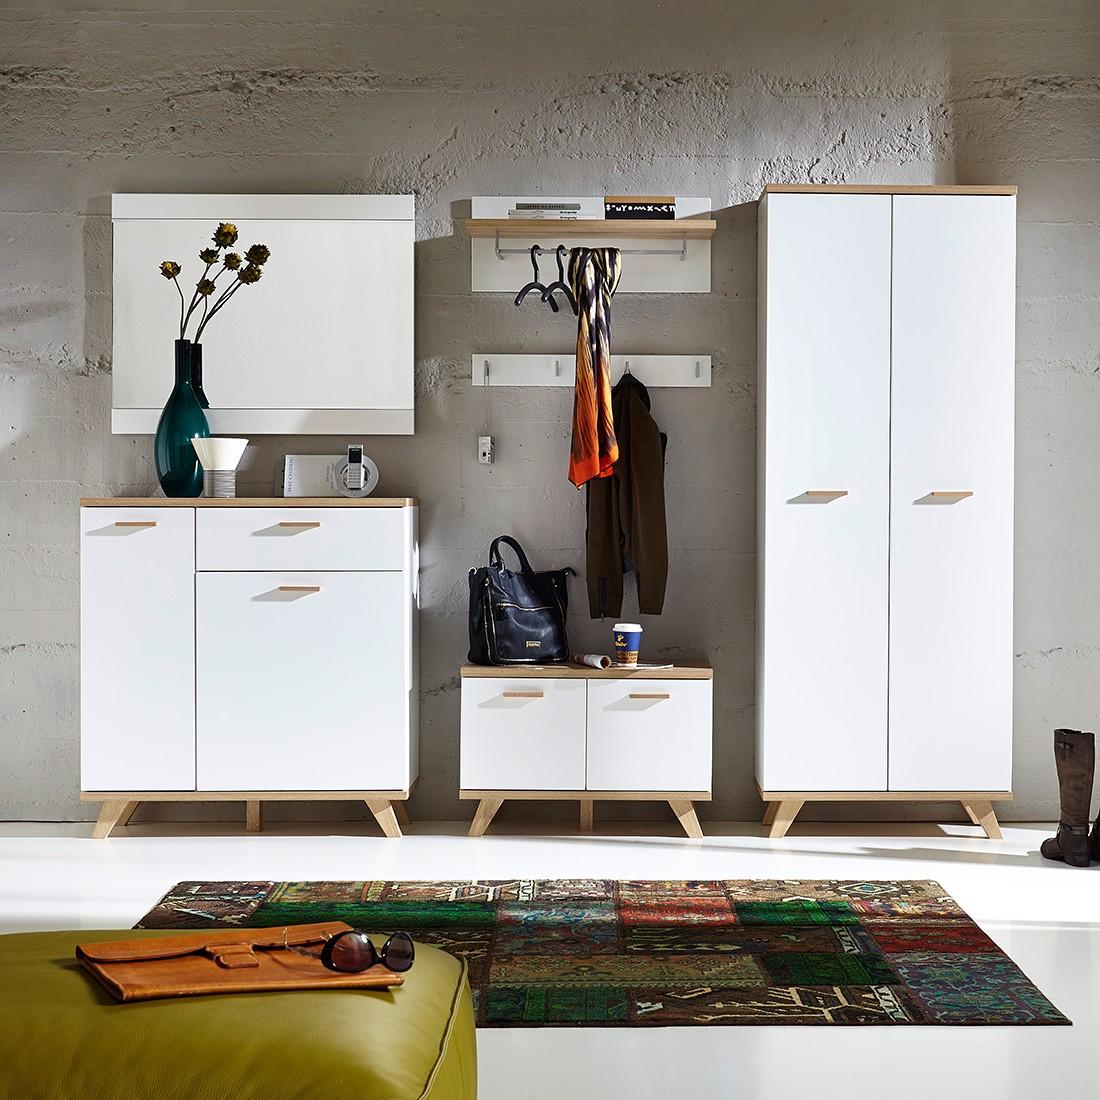 Garderoben-Set Neston (5-teilig) – Supermatt Weiß/Eiche Sanremo Dekor, Mørteens jetzt bestellen